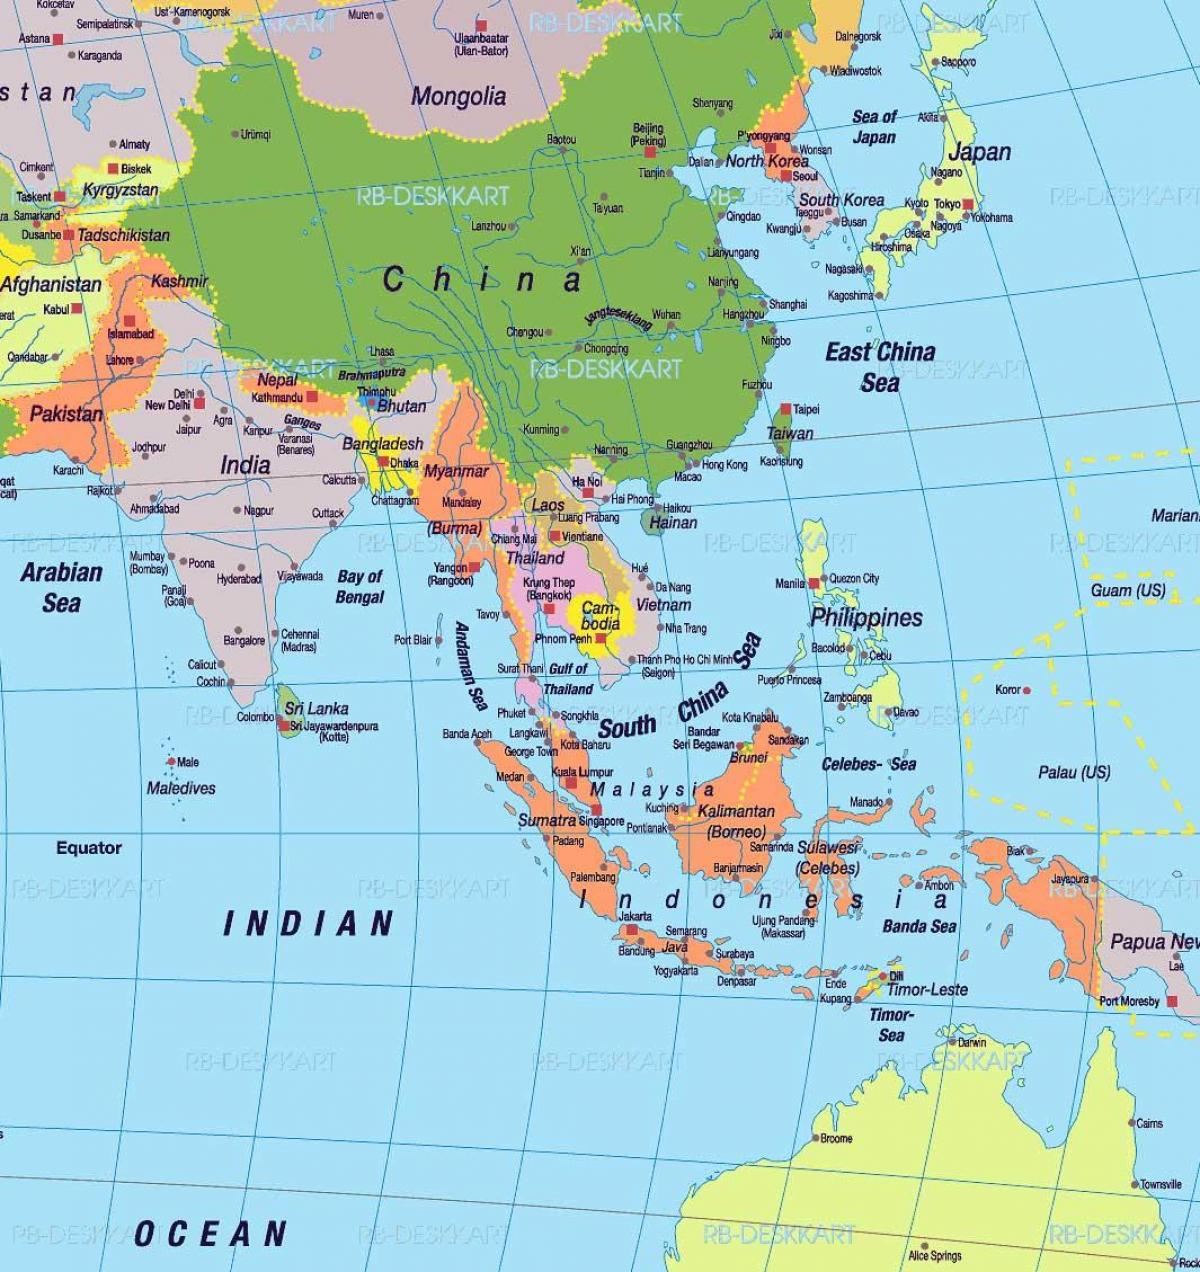 kina kart Kart over sør Kina   Sør Kina kart (Øst Asia   Asia) kina kart